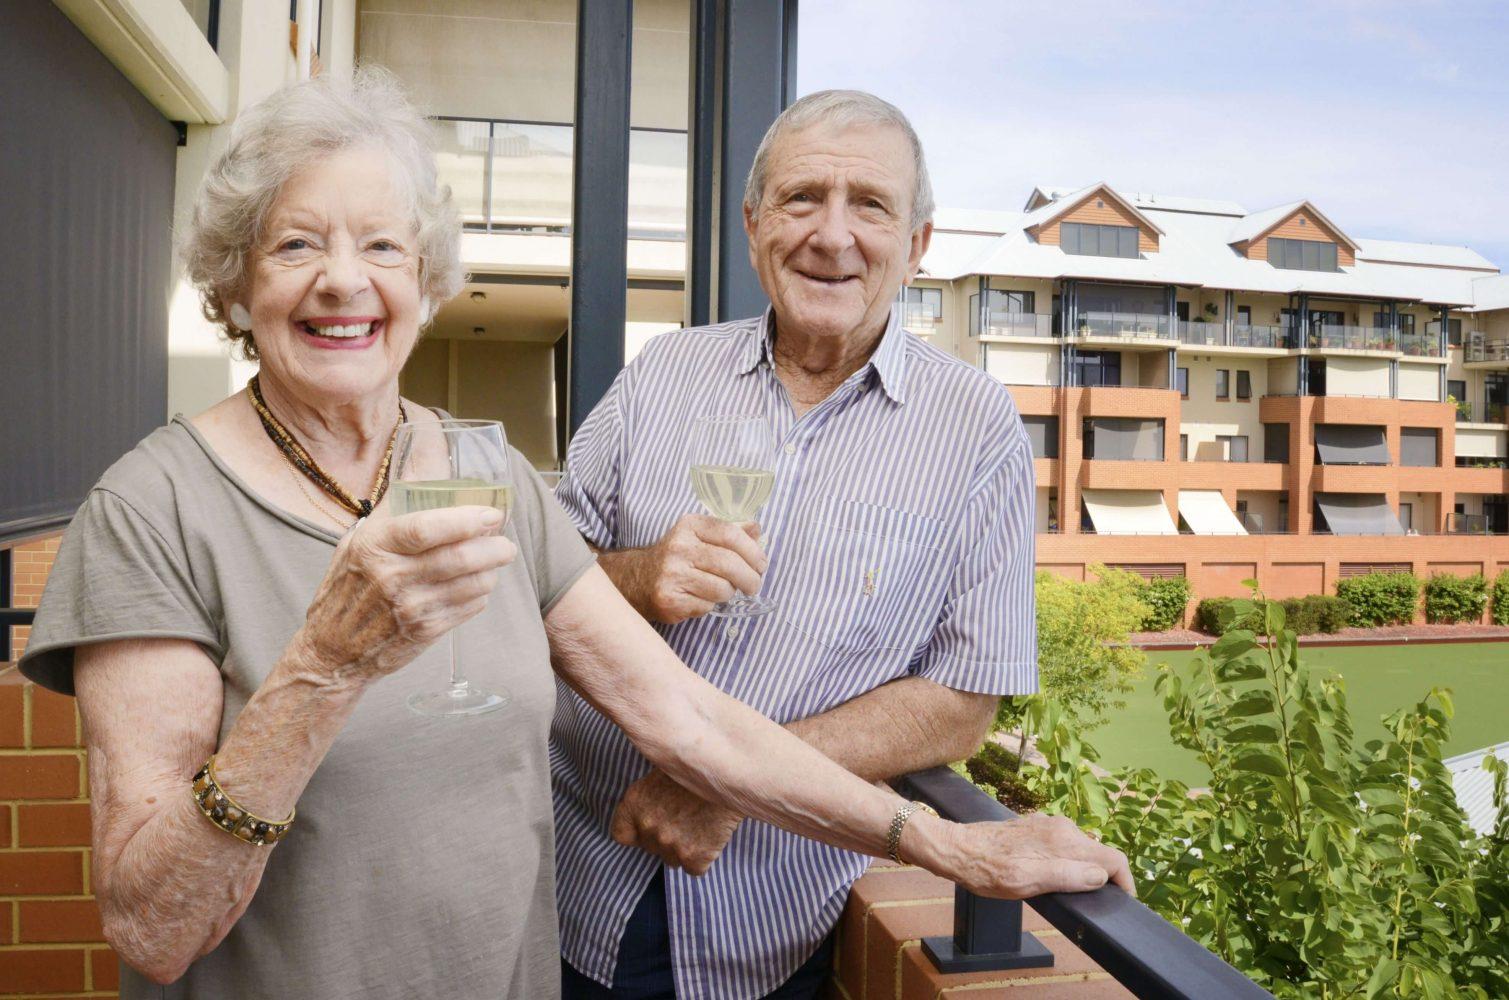 بهترین سن برای رفتن به خانه سالمندان چه سنی است؟